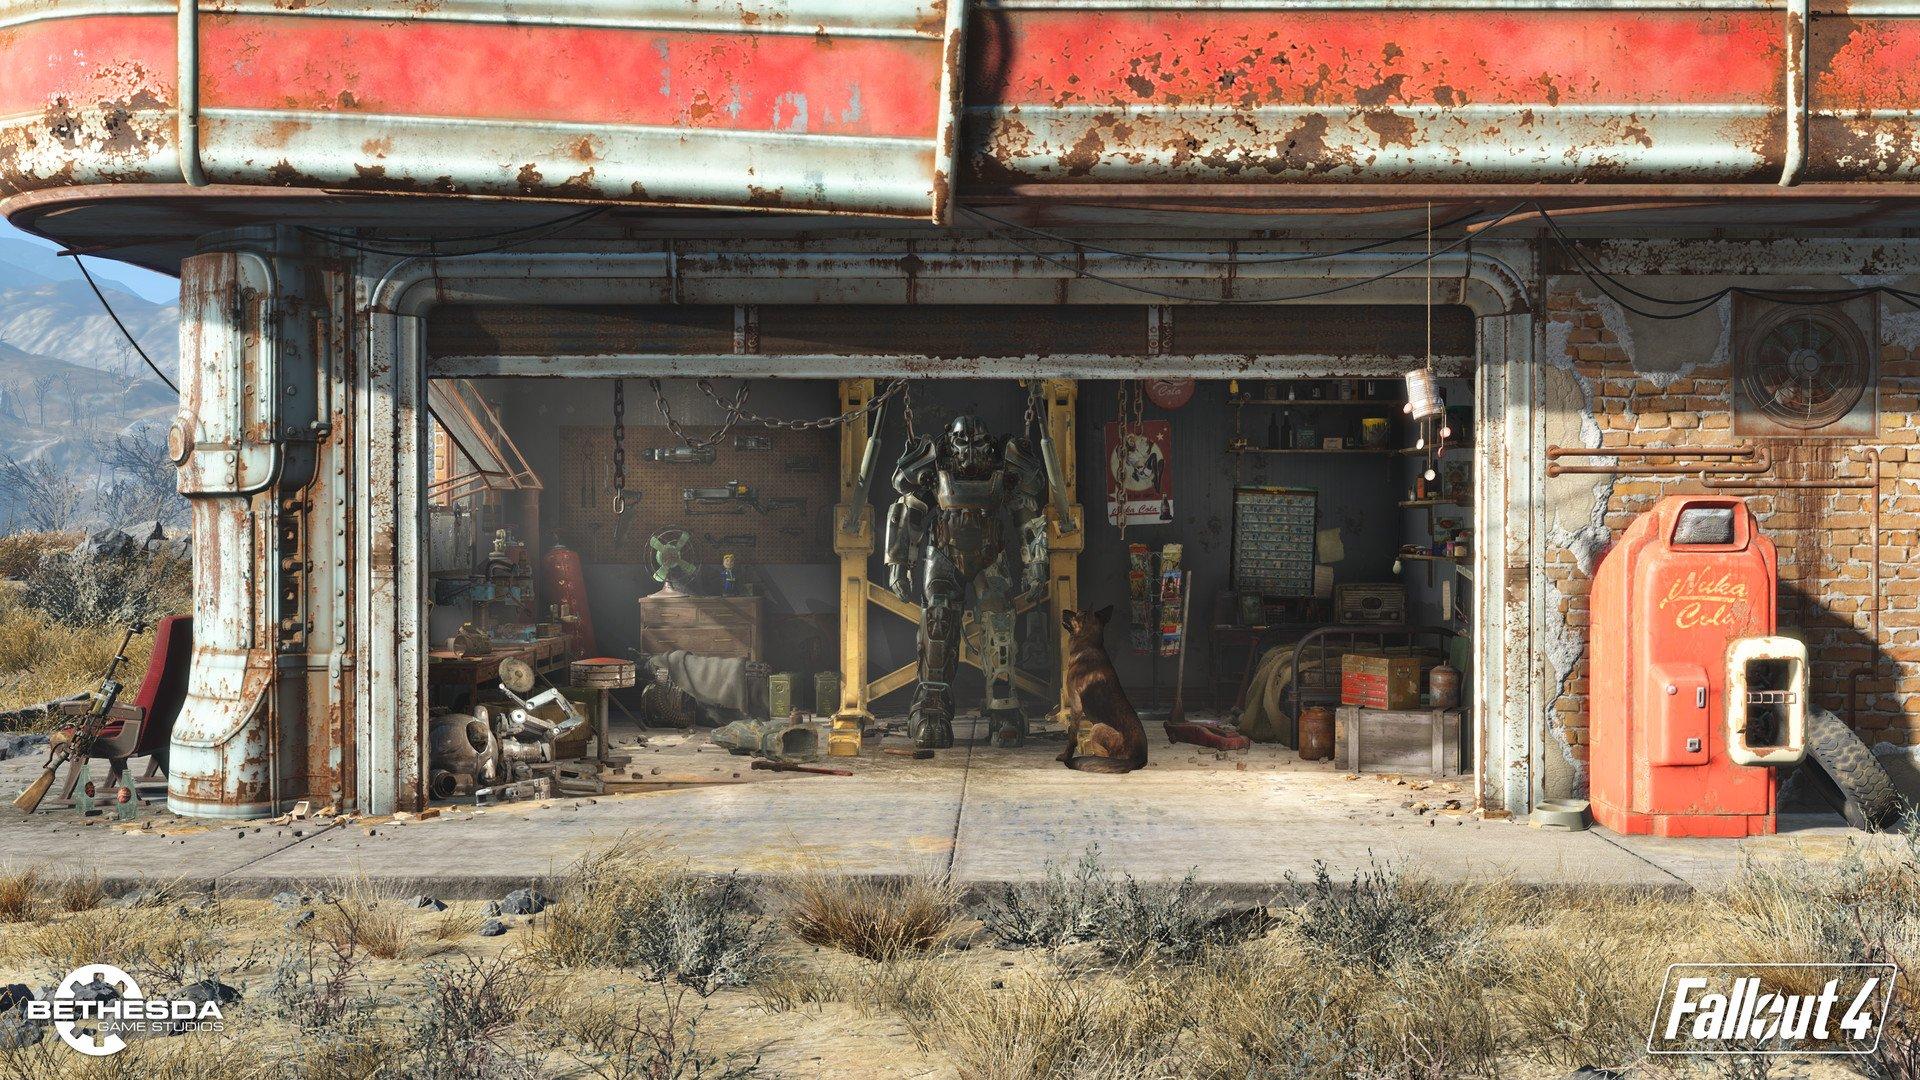 Про Fallout 4 с Reddit (осторожно, возможно, вброс). - Изображение 1